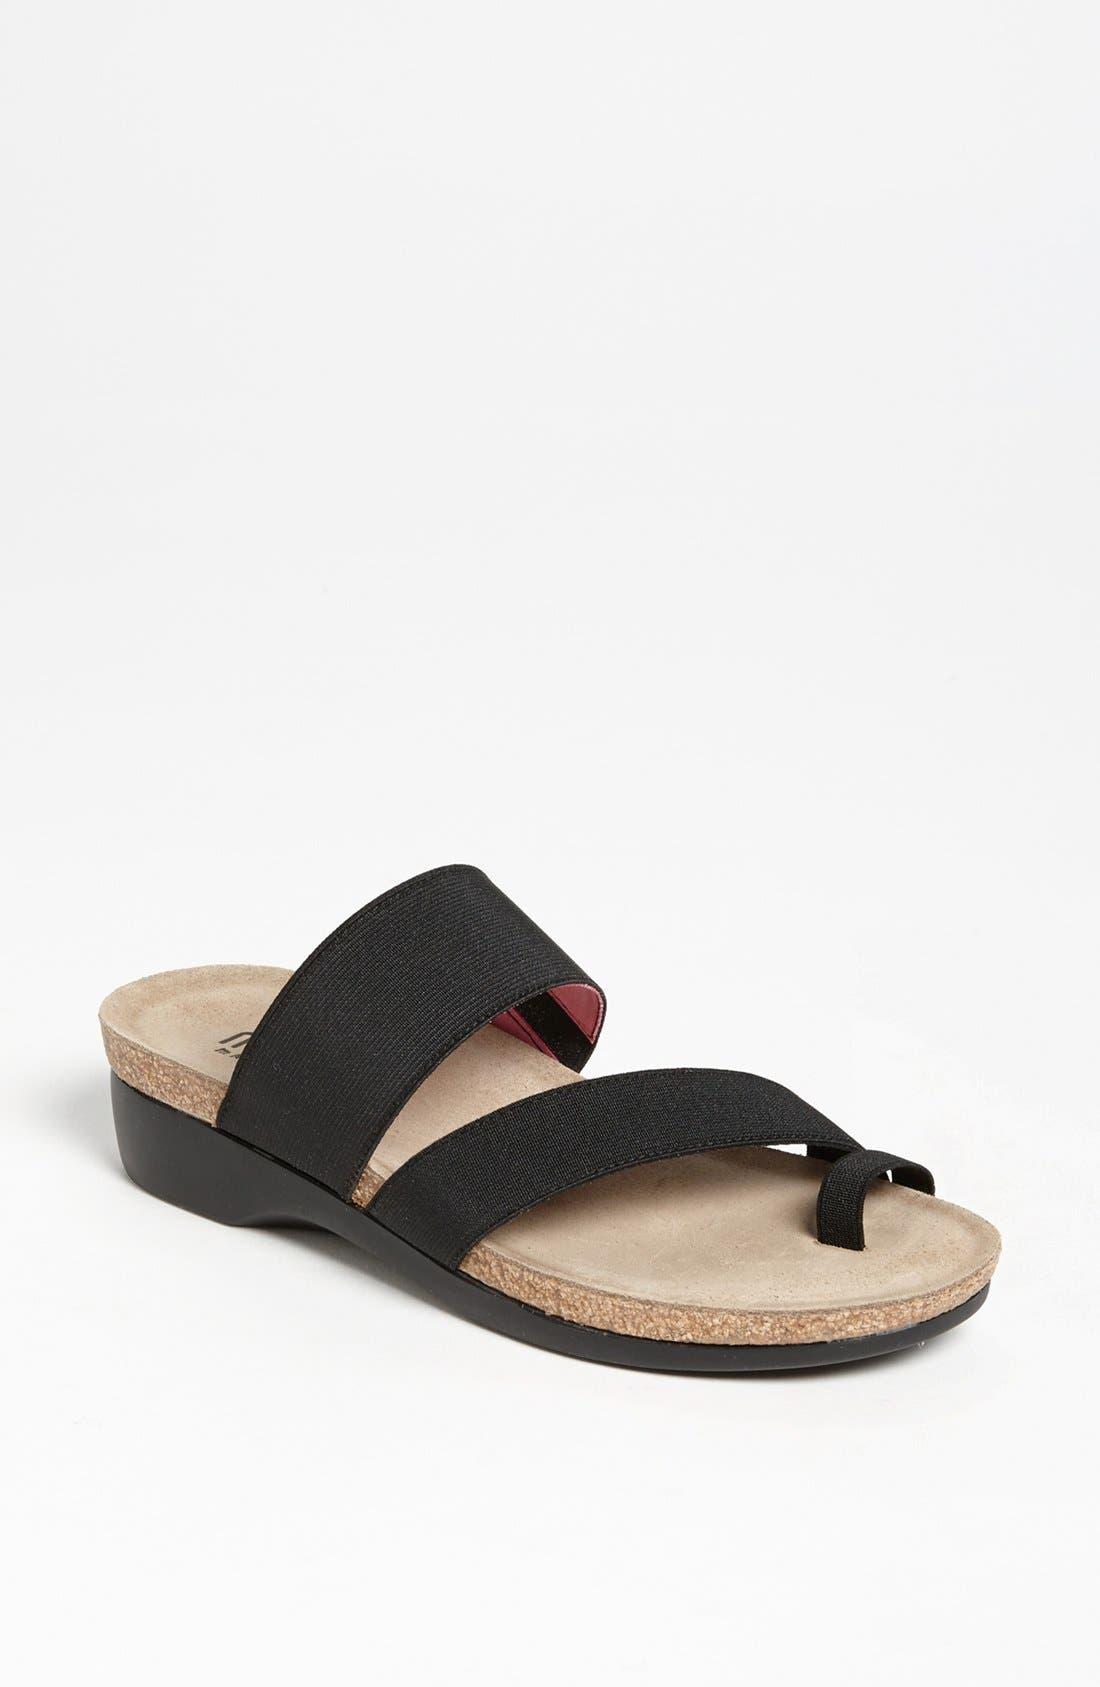 'Aries' Sandal,                         Main,                         color, Black